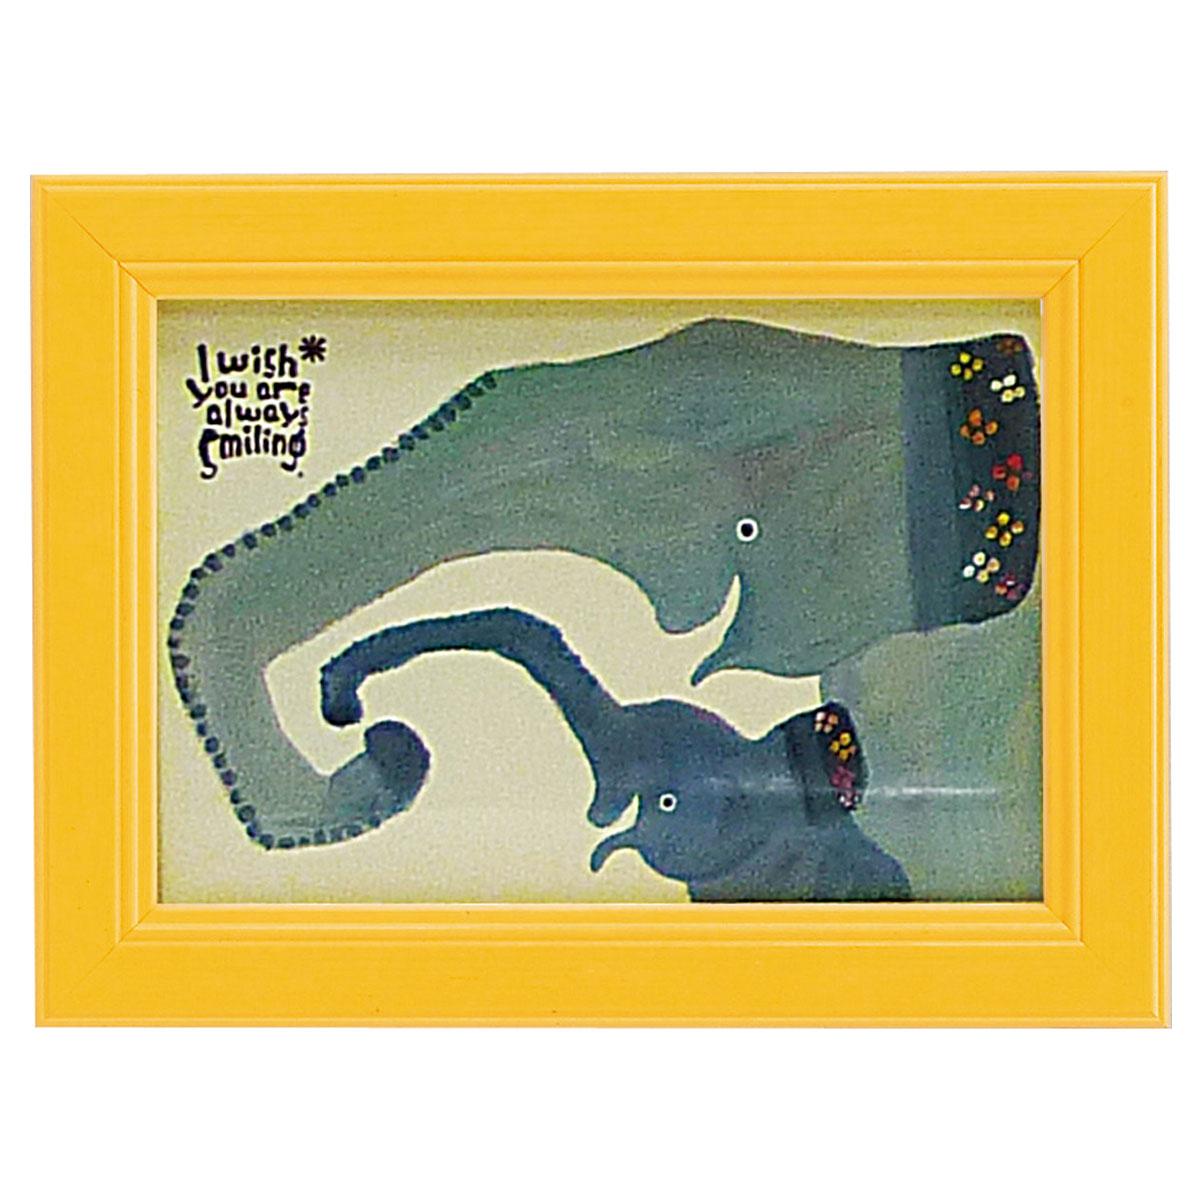 アートパネル ミニアート ウォールパネル インテリアパネル 動物 アニマル インテリア 子供部屋 壁掛け ミニアート 武内祐人 ゾウの親子 アートフレーム